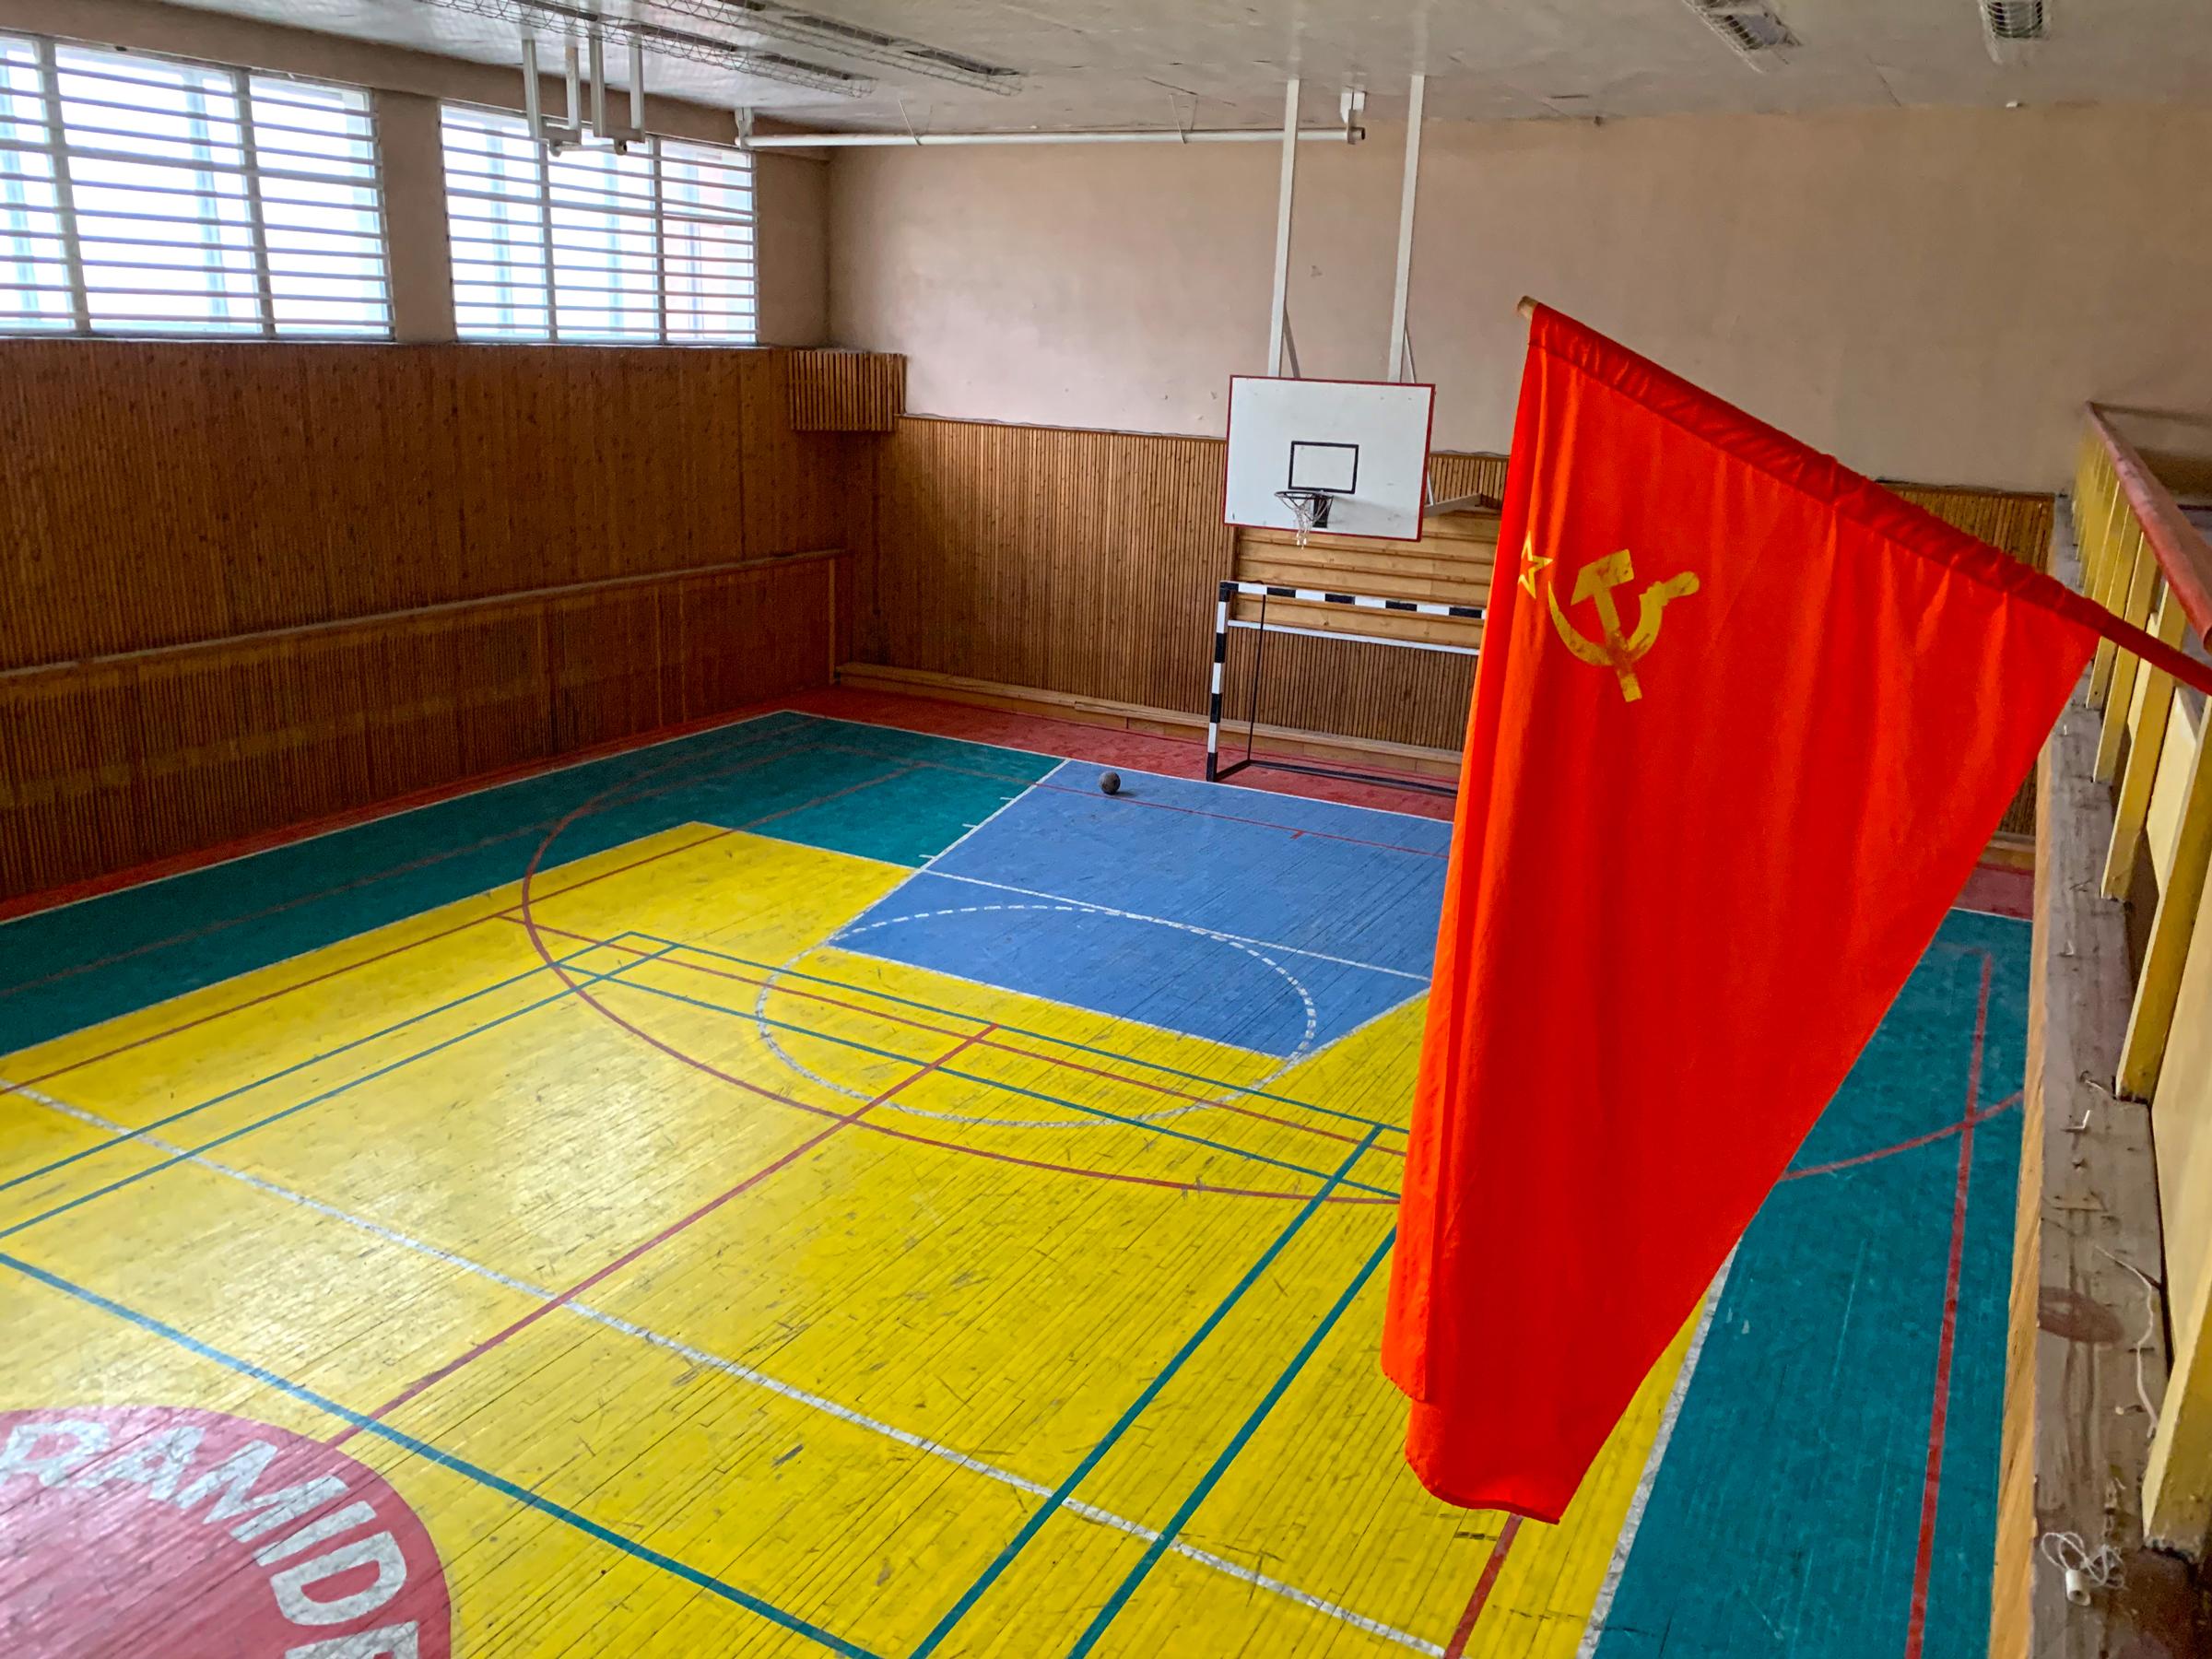 Sports Hall in the Yuri Gagarin Sports Centre (Mike Watson).